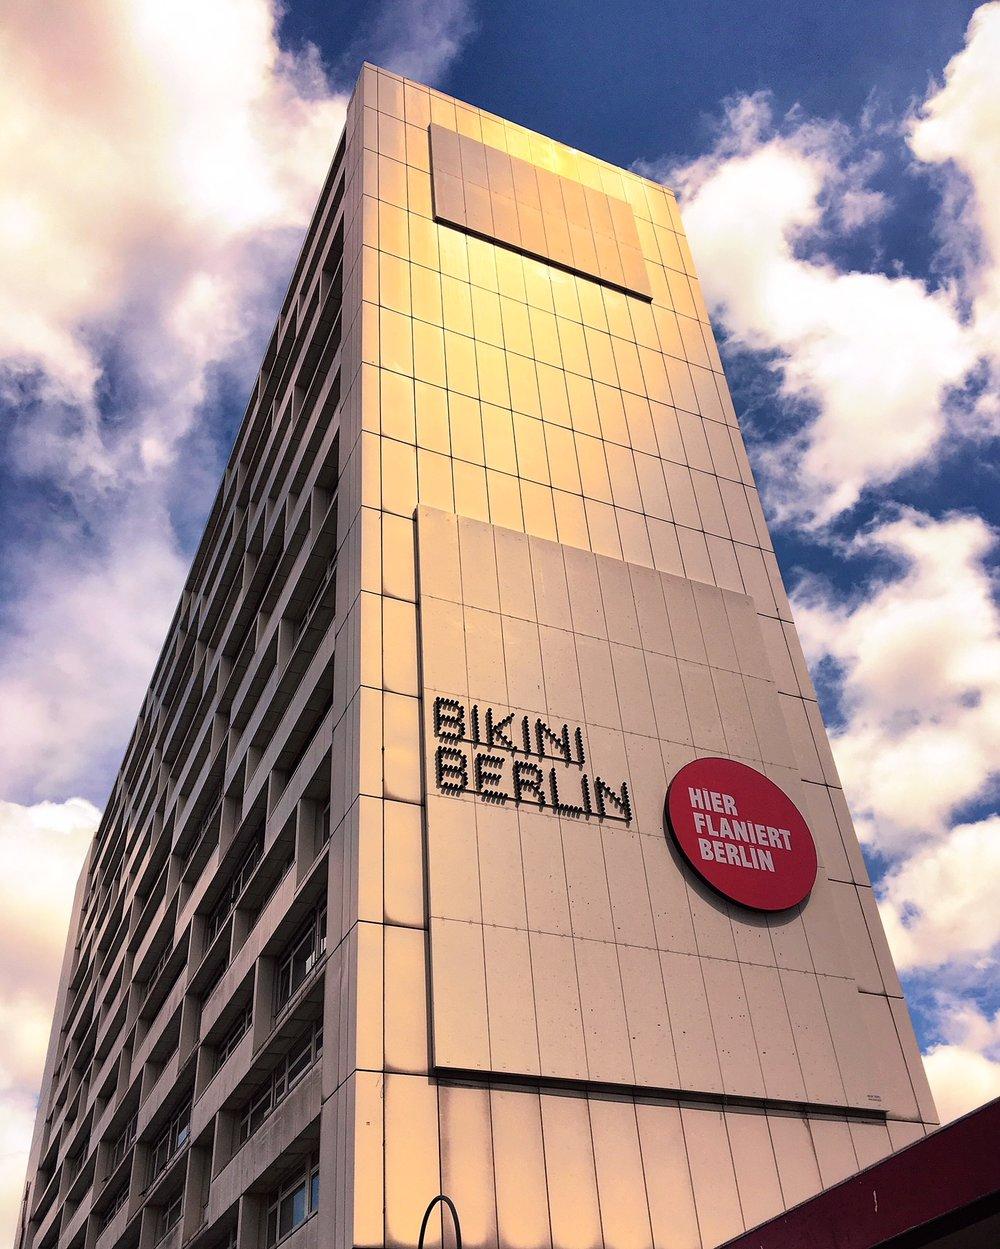 Bikini Berlin, Berlin, Germany